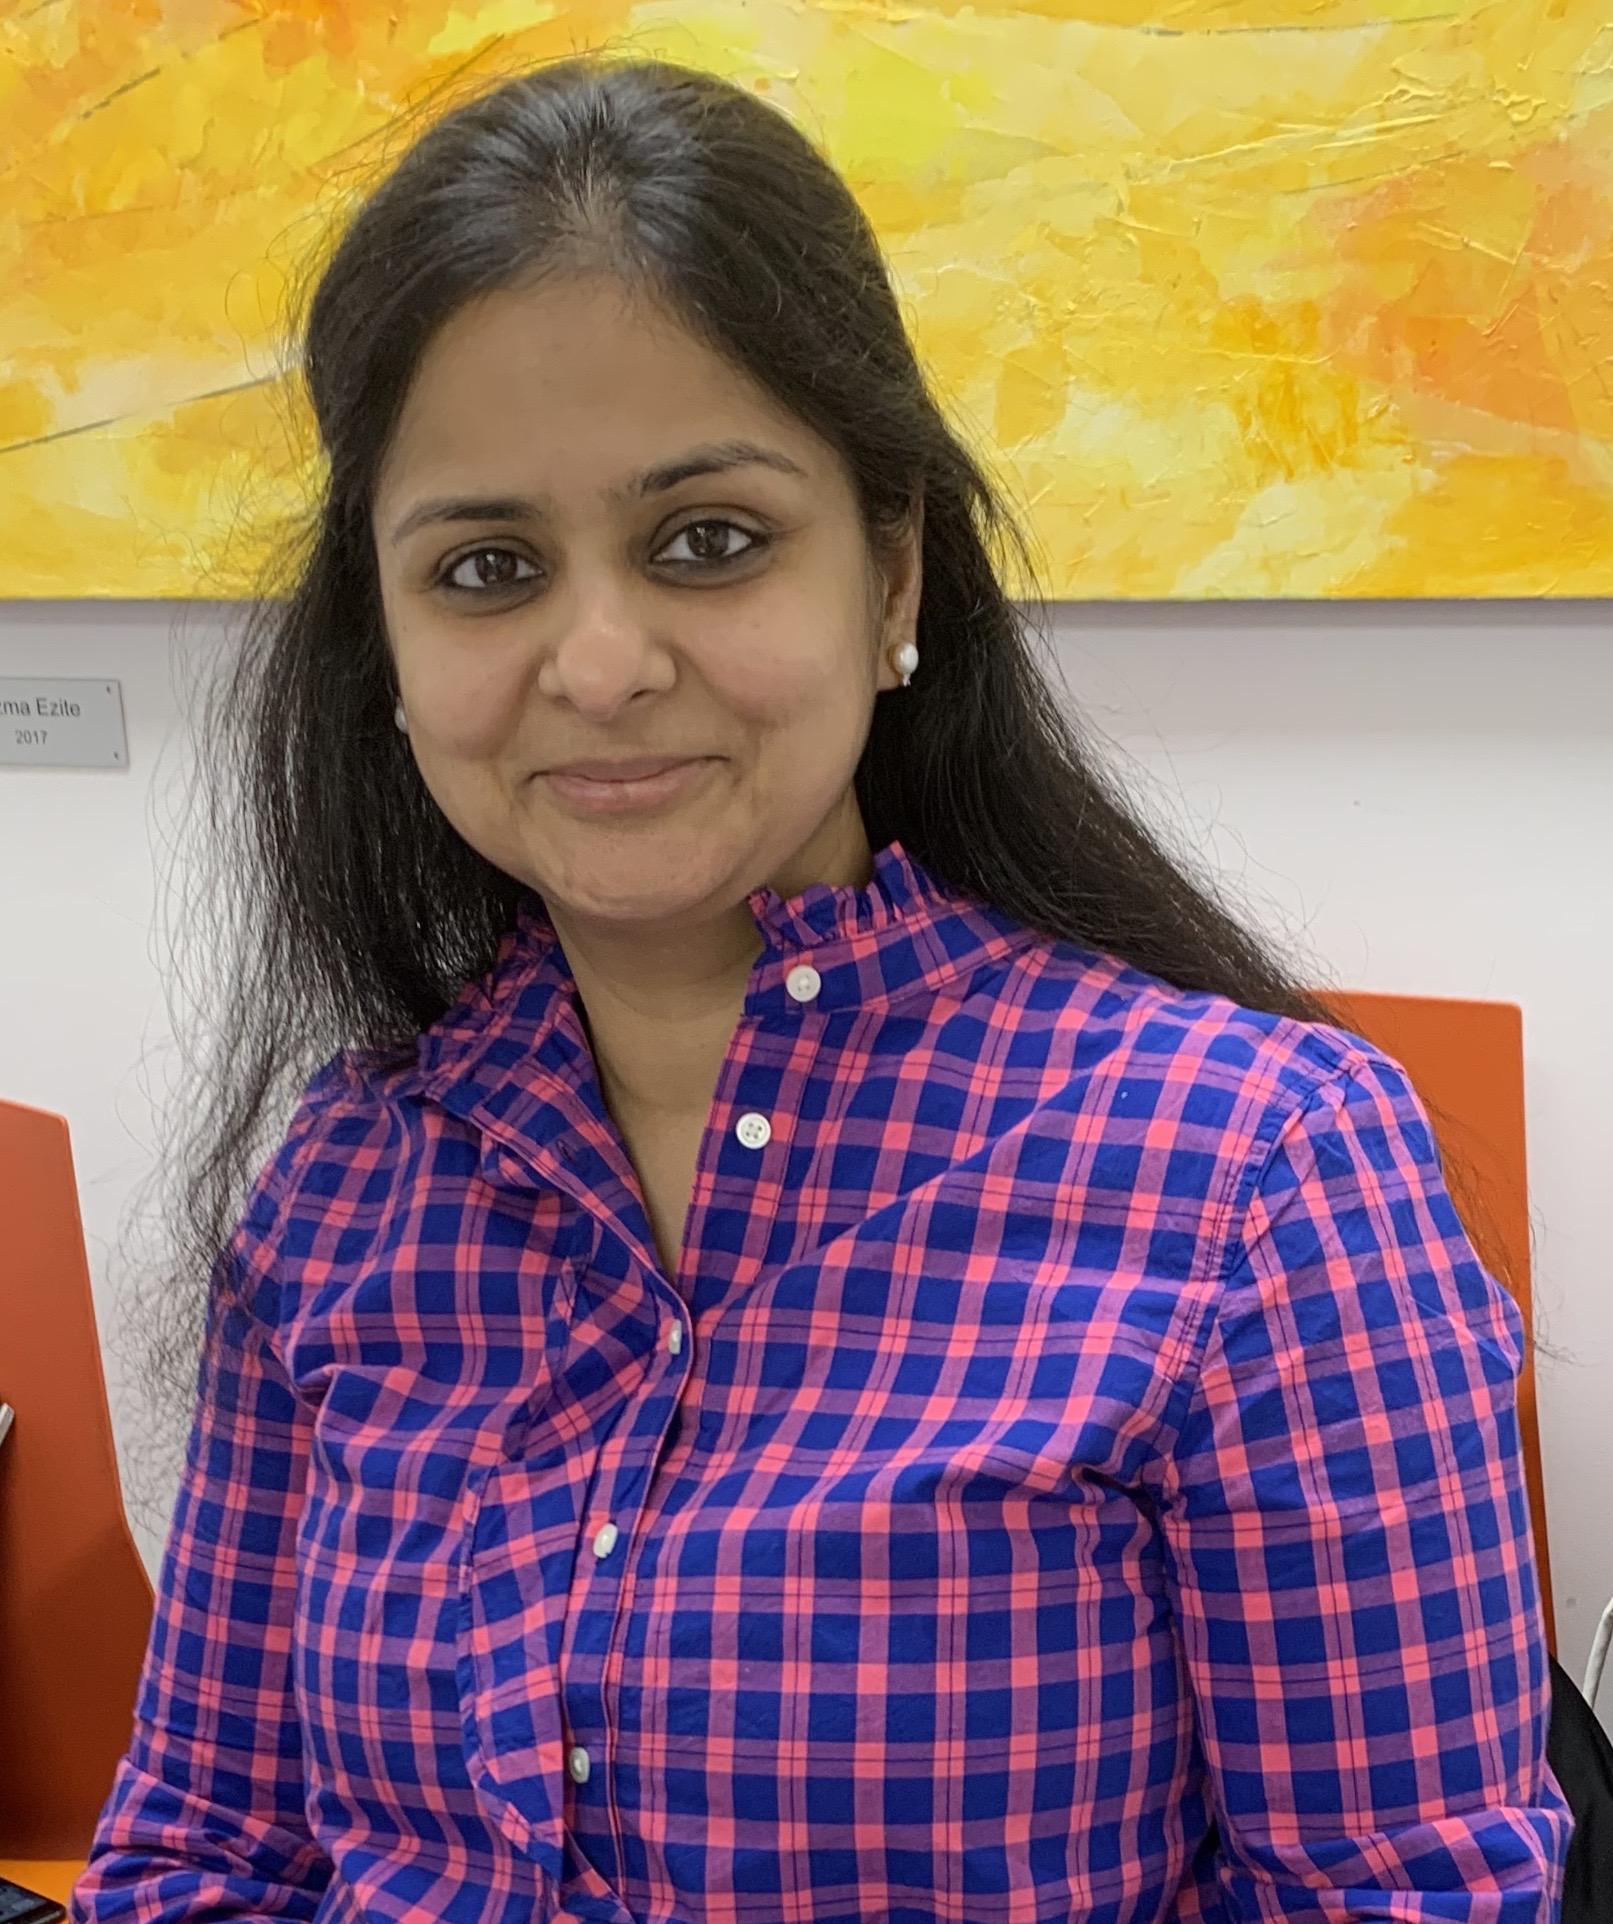 Shruti Gupta upUgo